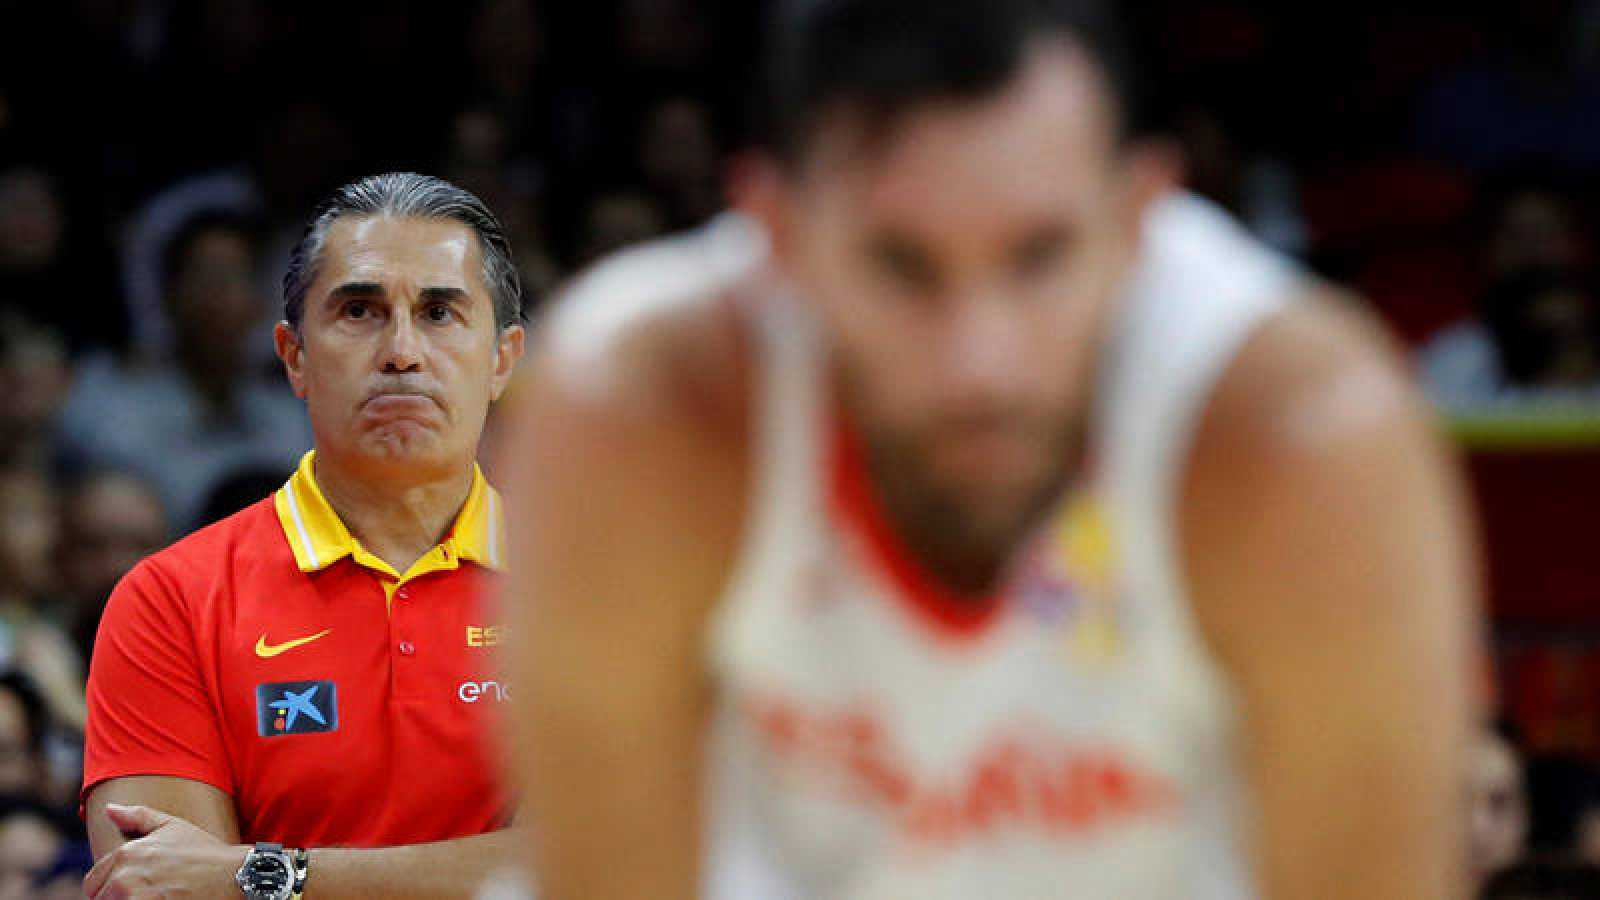 Sergio Scariolo, al fondo, observa la evolución de Rudy Fernández, en primer plano desenfocado.